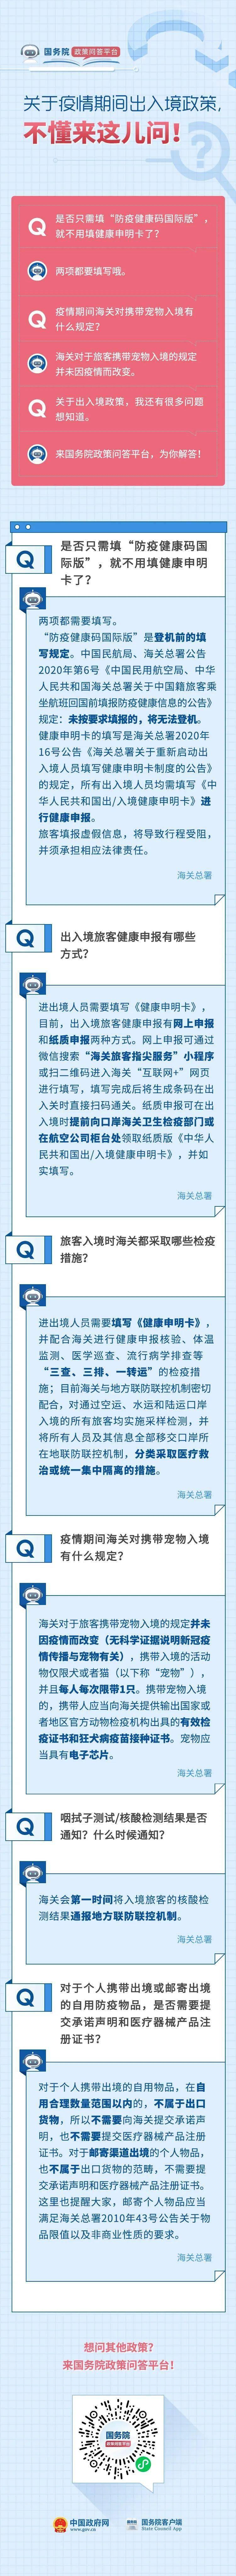 【要闻转载】@侨胞 关于疫情期间出入境政策,6问6答!